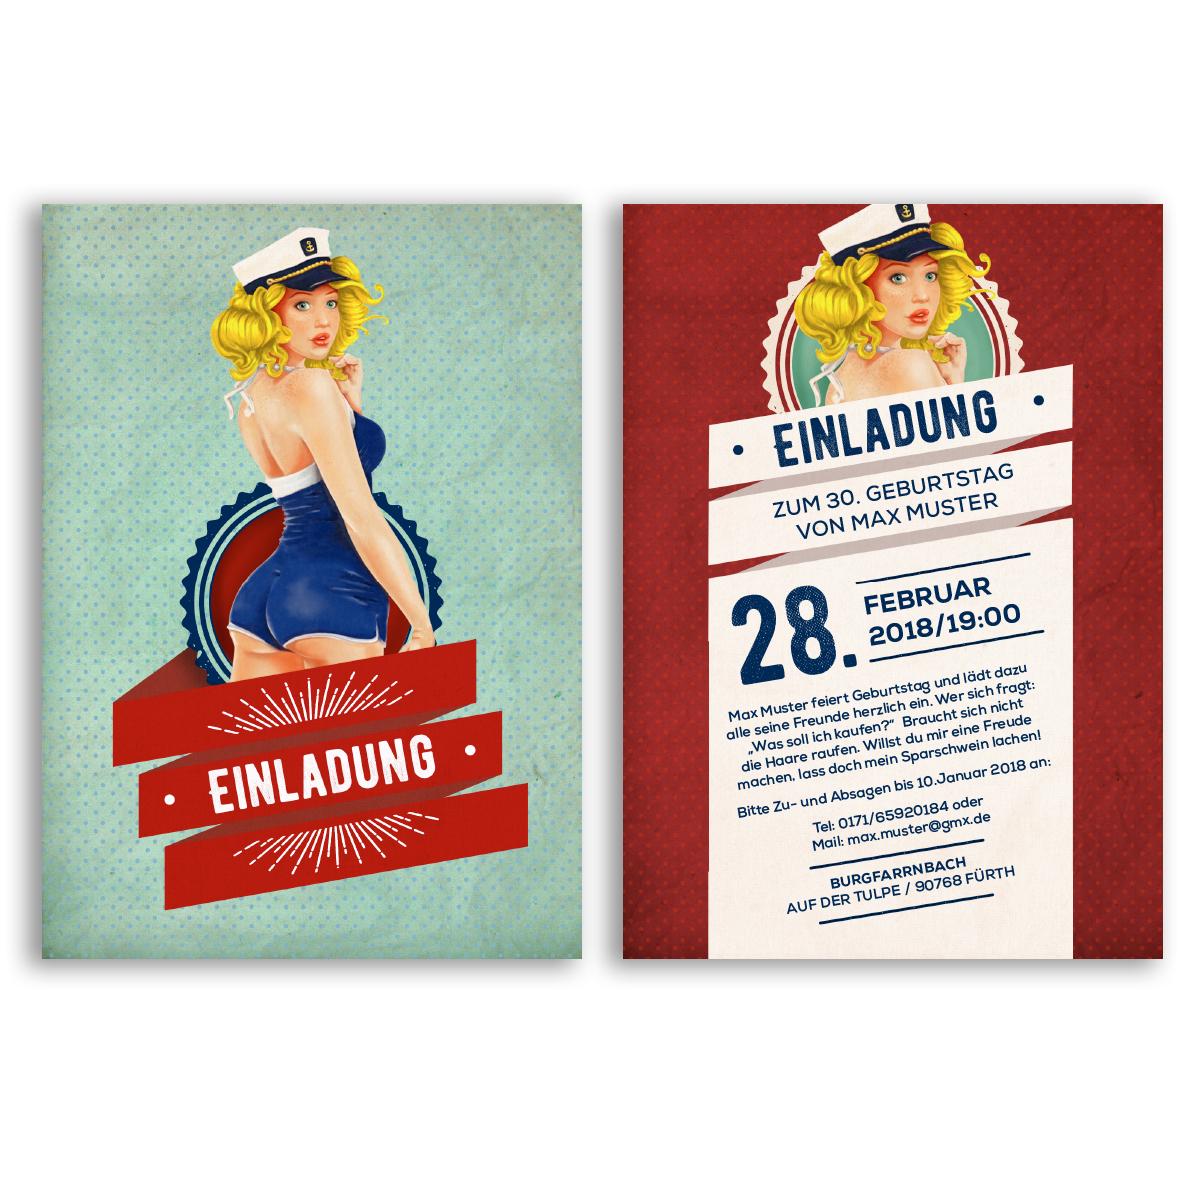 einladungen zum geburtstag pin up girl vintage retro, Einladung